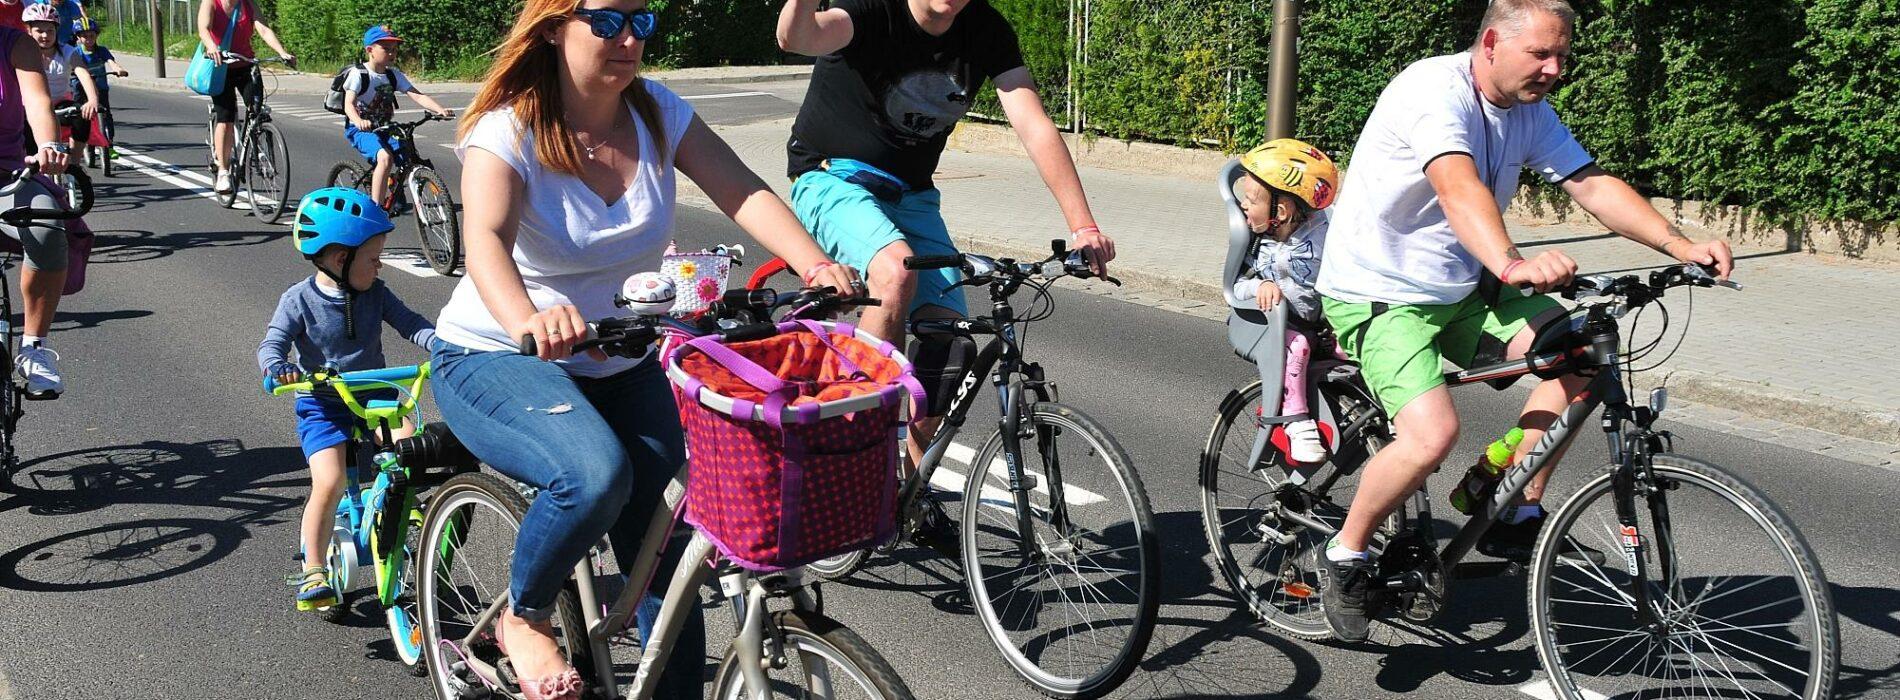 Zapraszamy do udziału w rajdzie rowerowym w ramach ETZT w Świdnicy